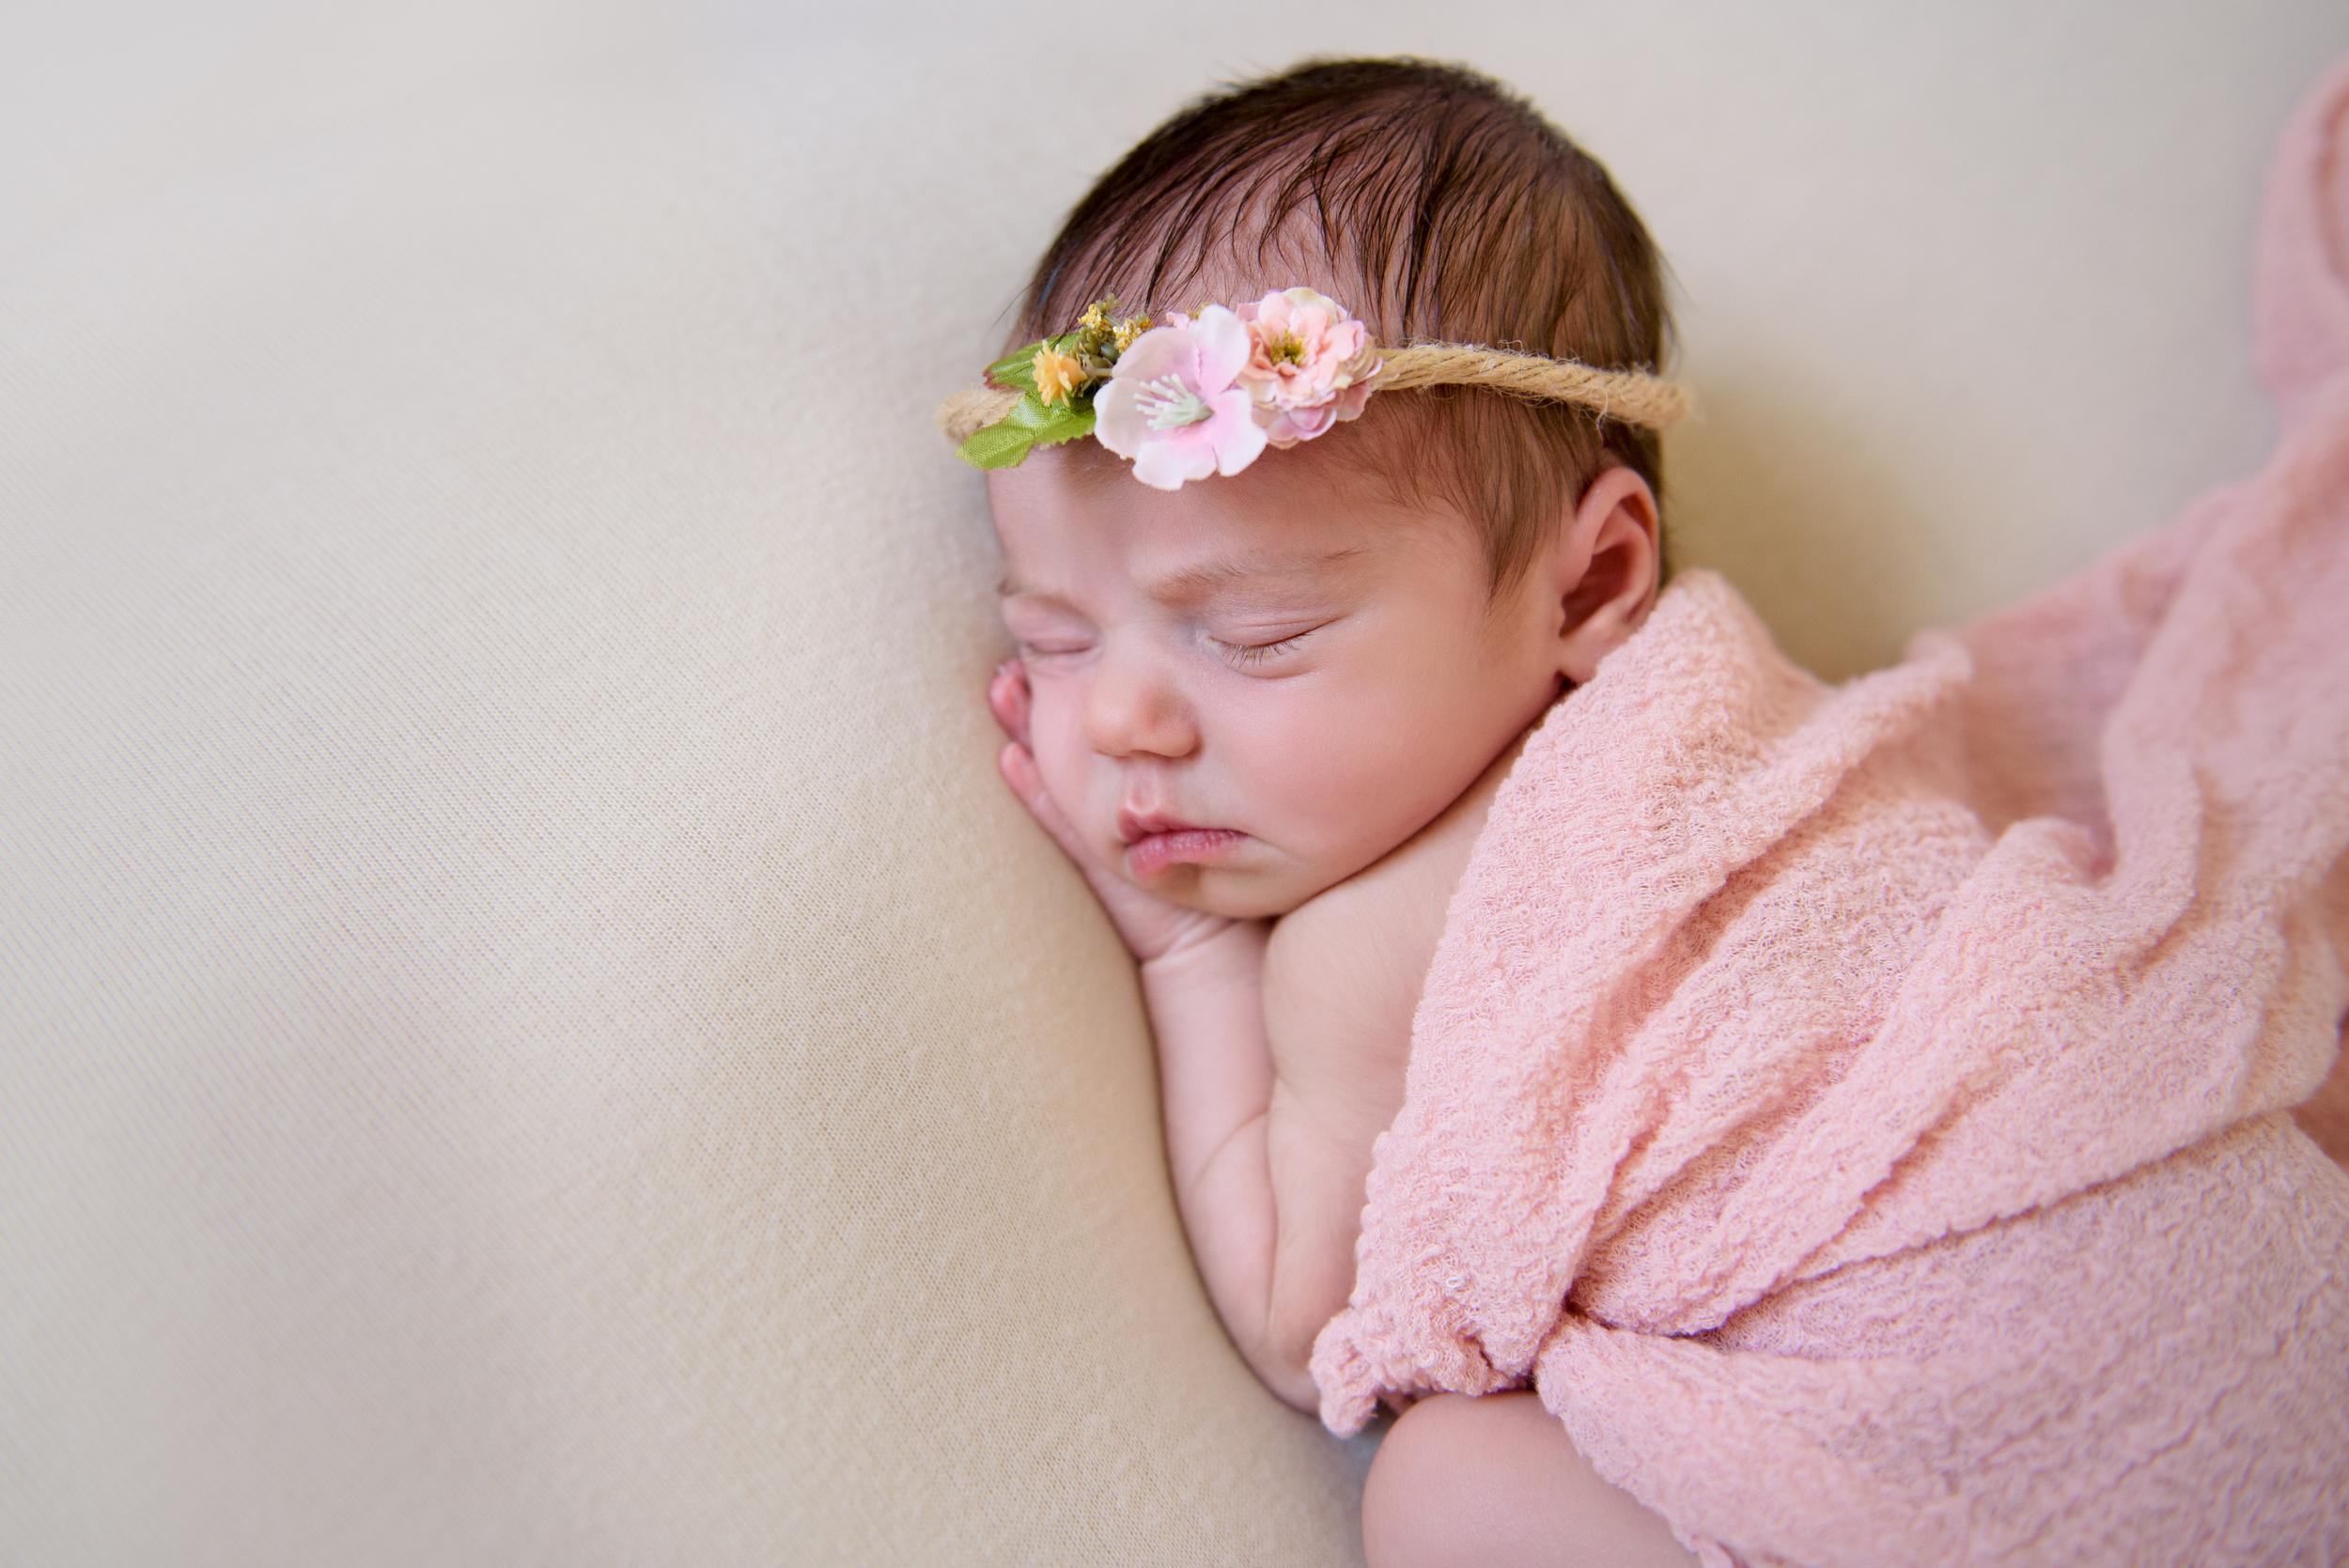 Newborn photographer in Kensington, West London